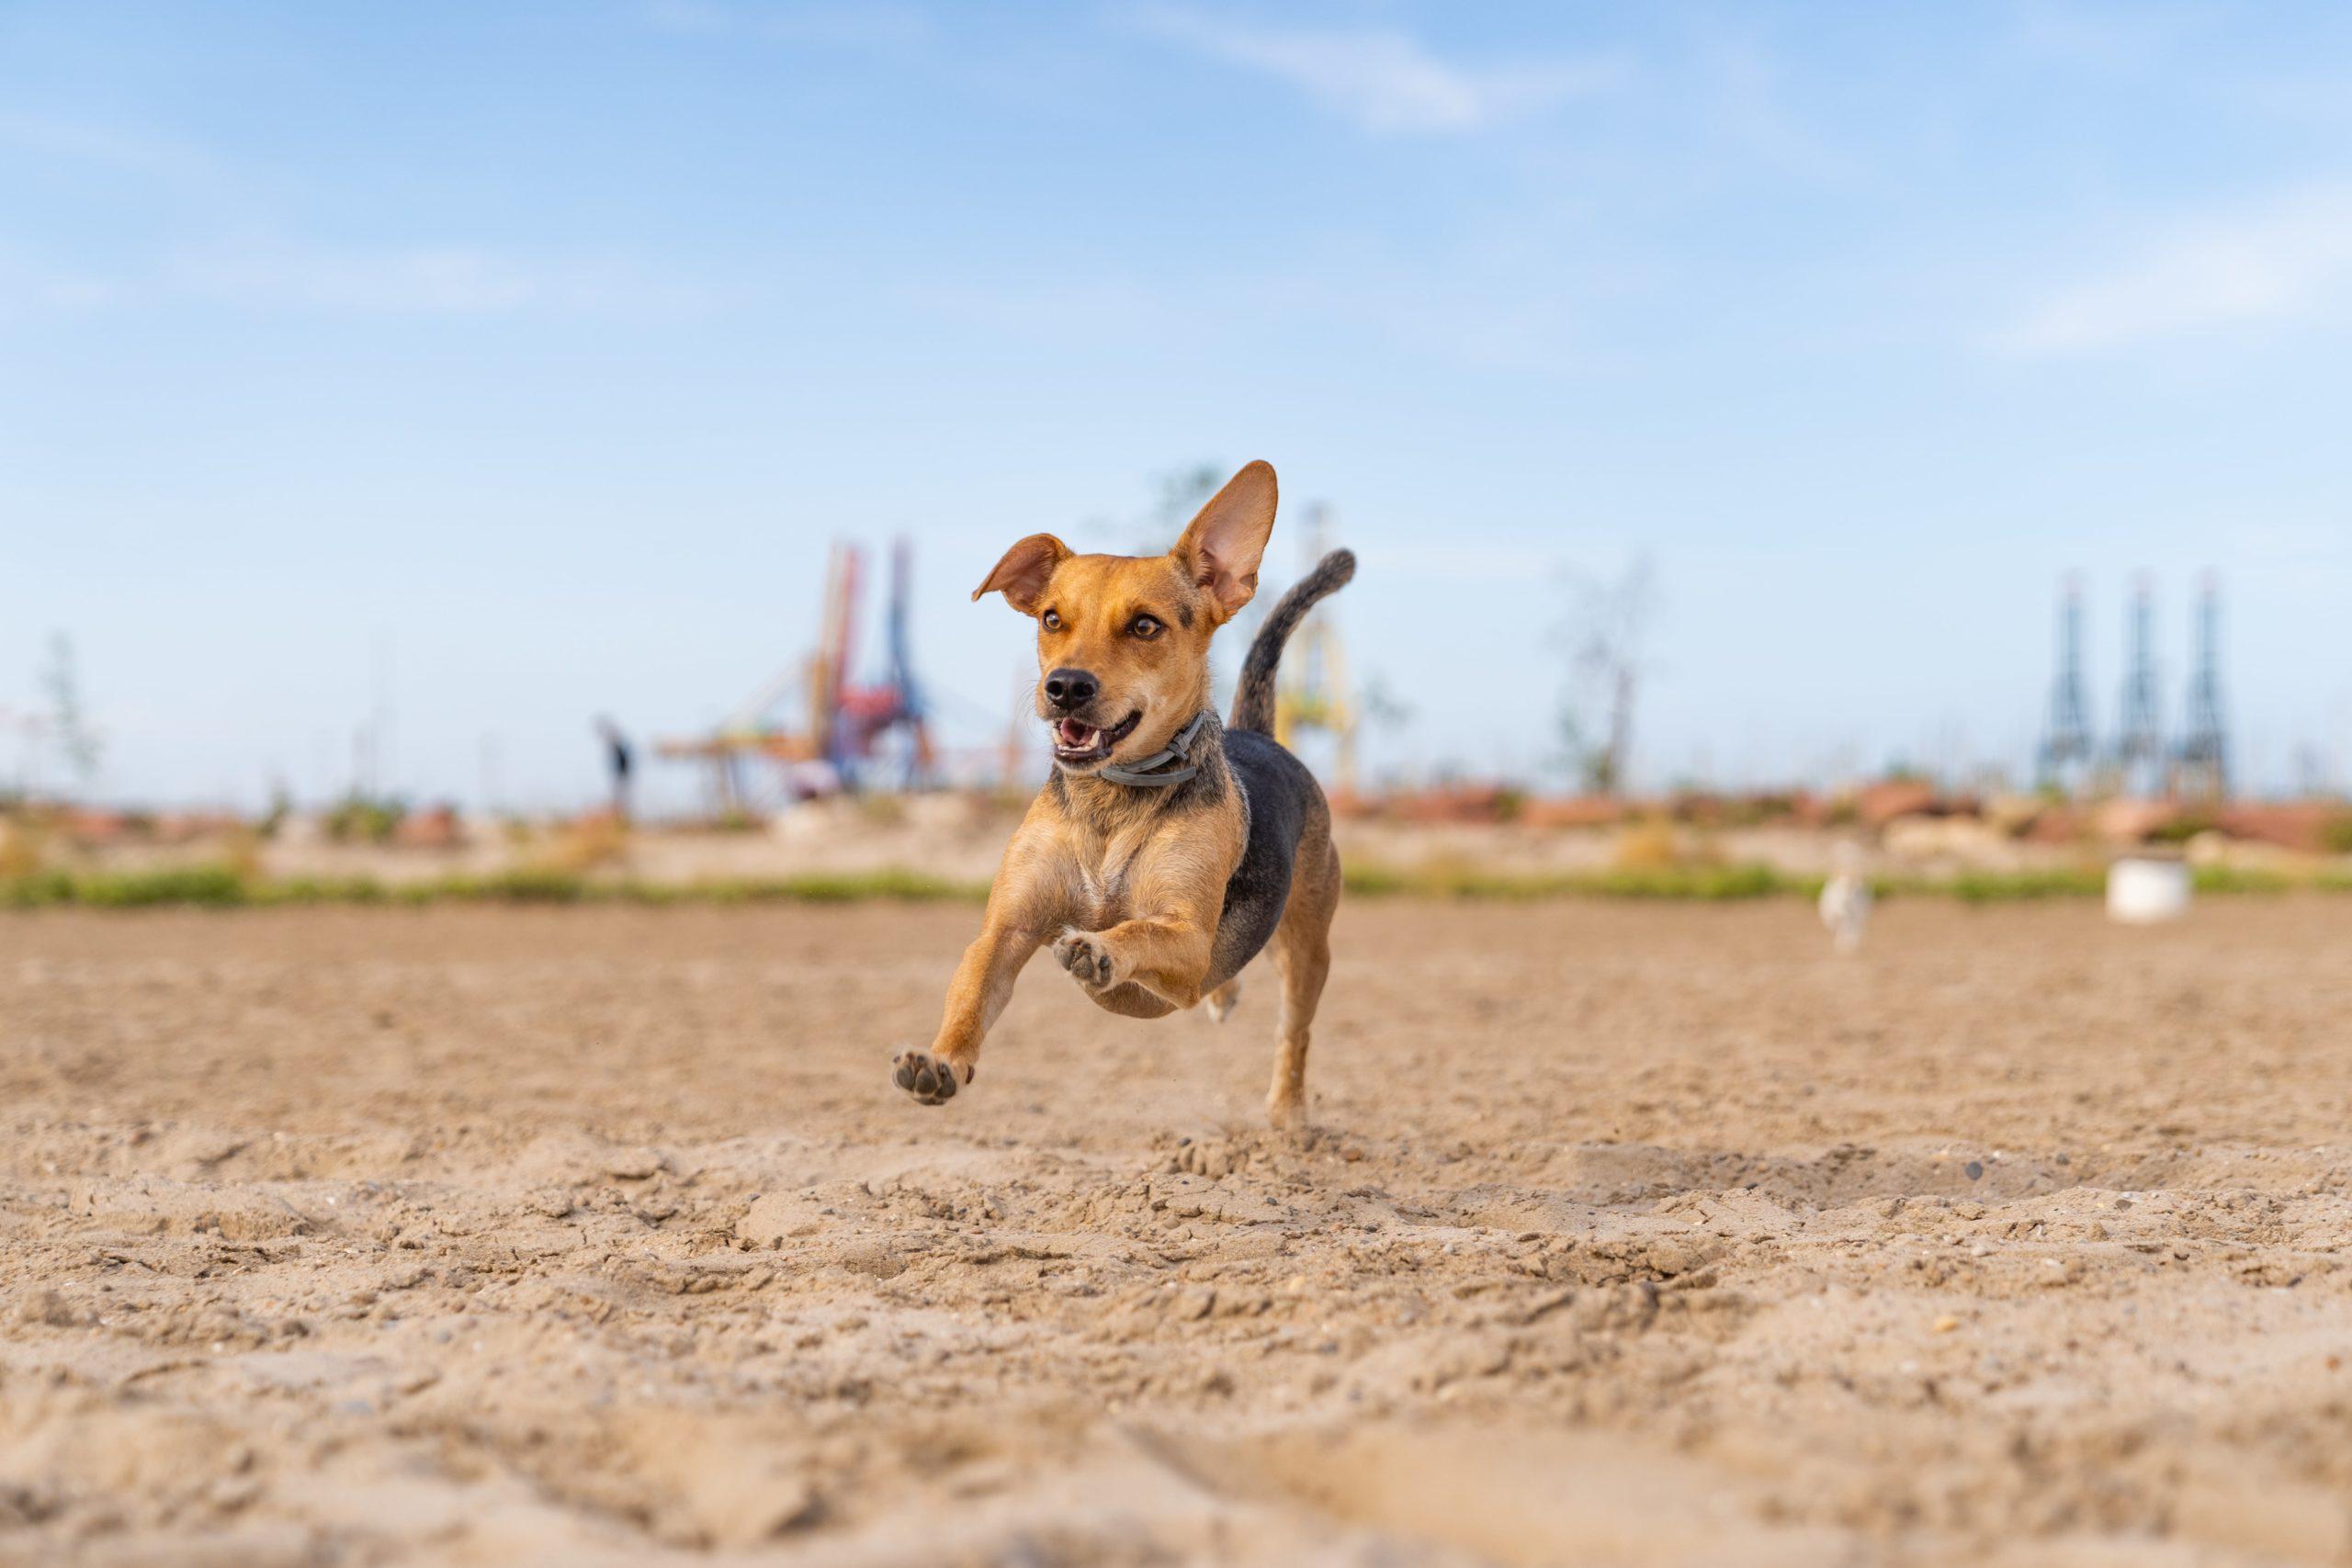 dog running trainning